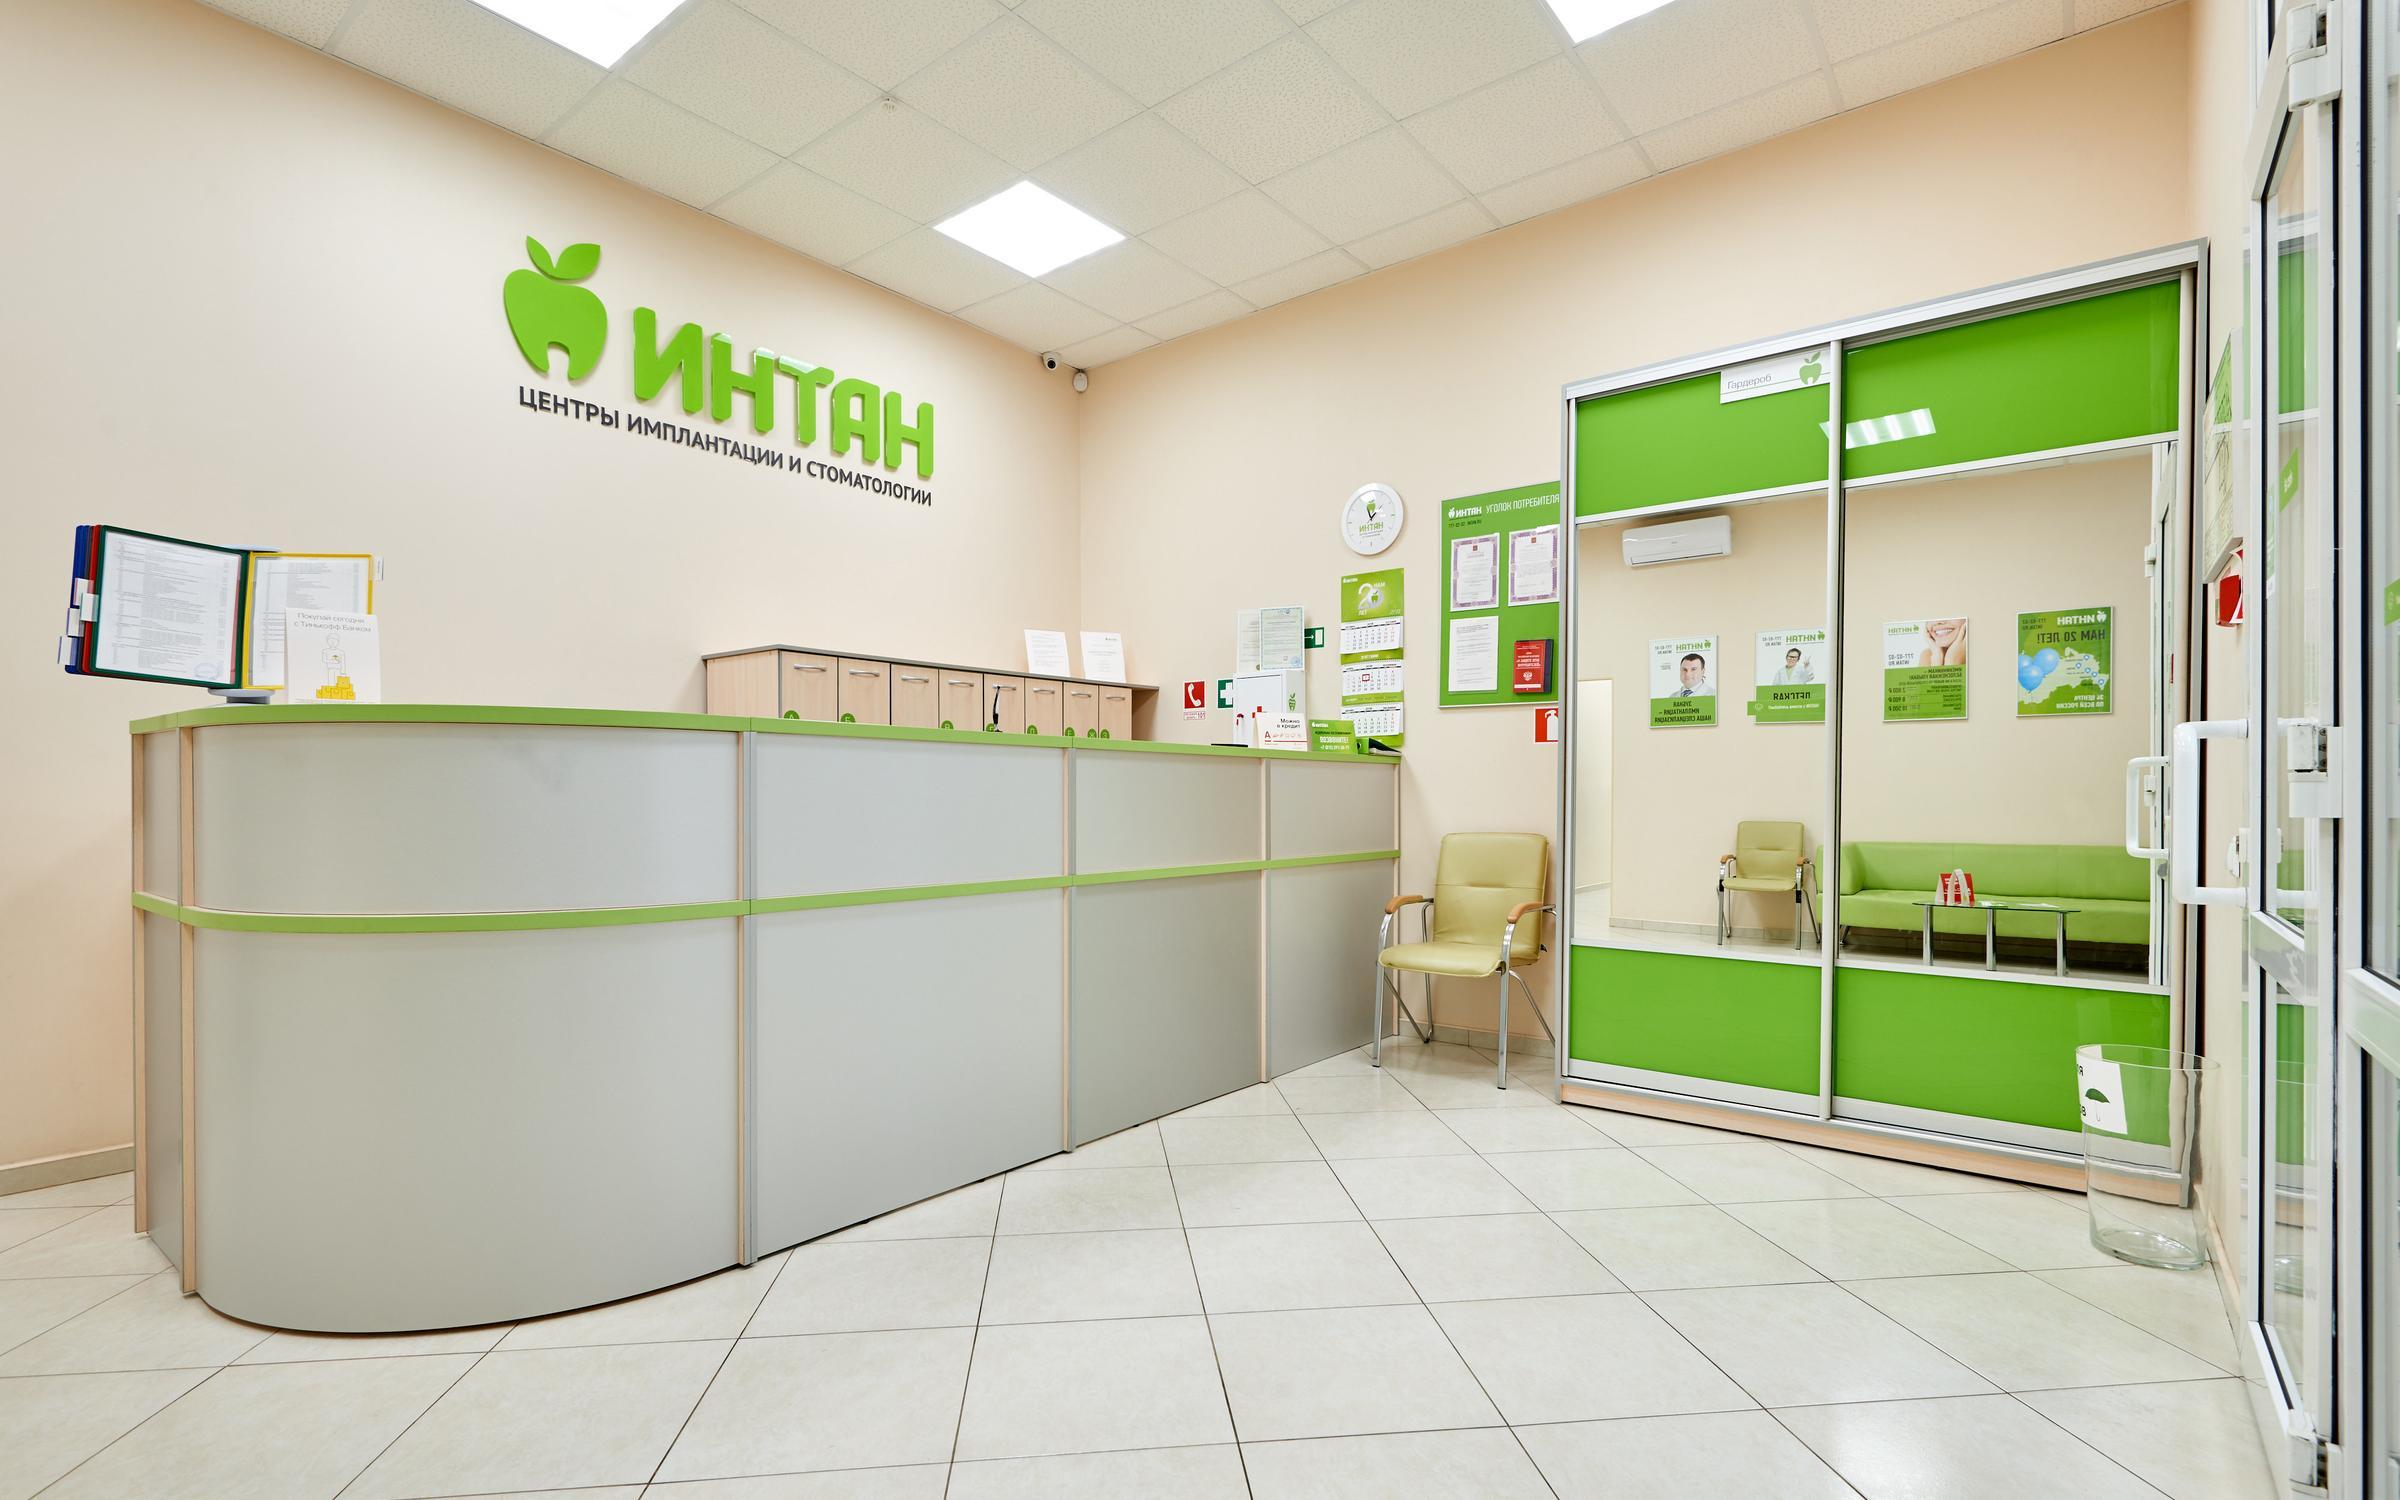 фотография Центра имплантации и стоматологии Интан на Большой Пороховской улице